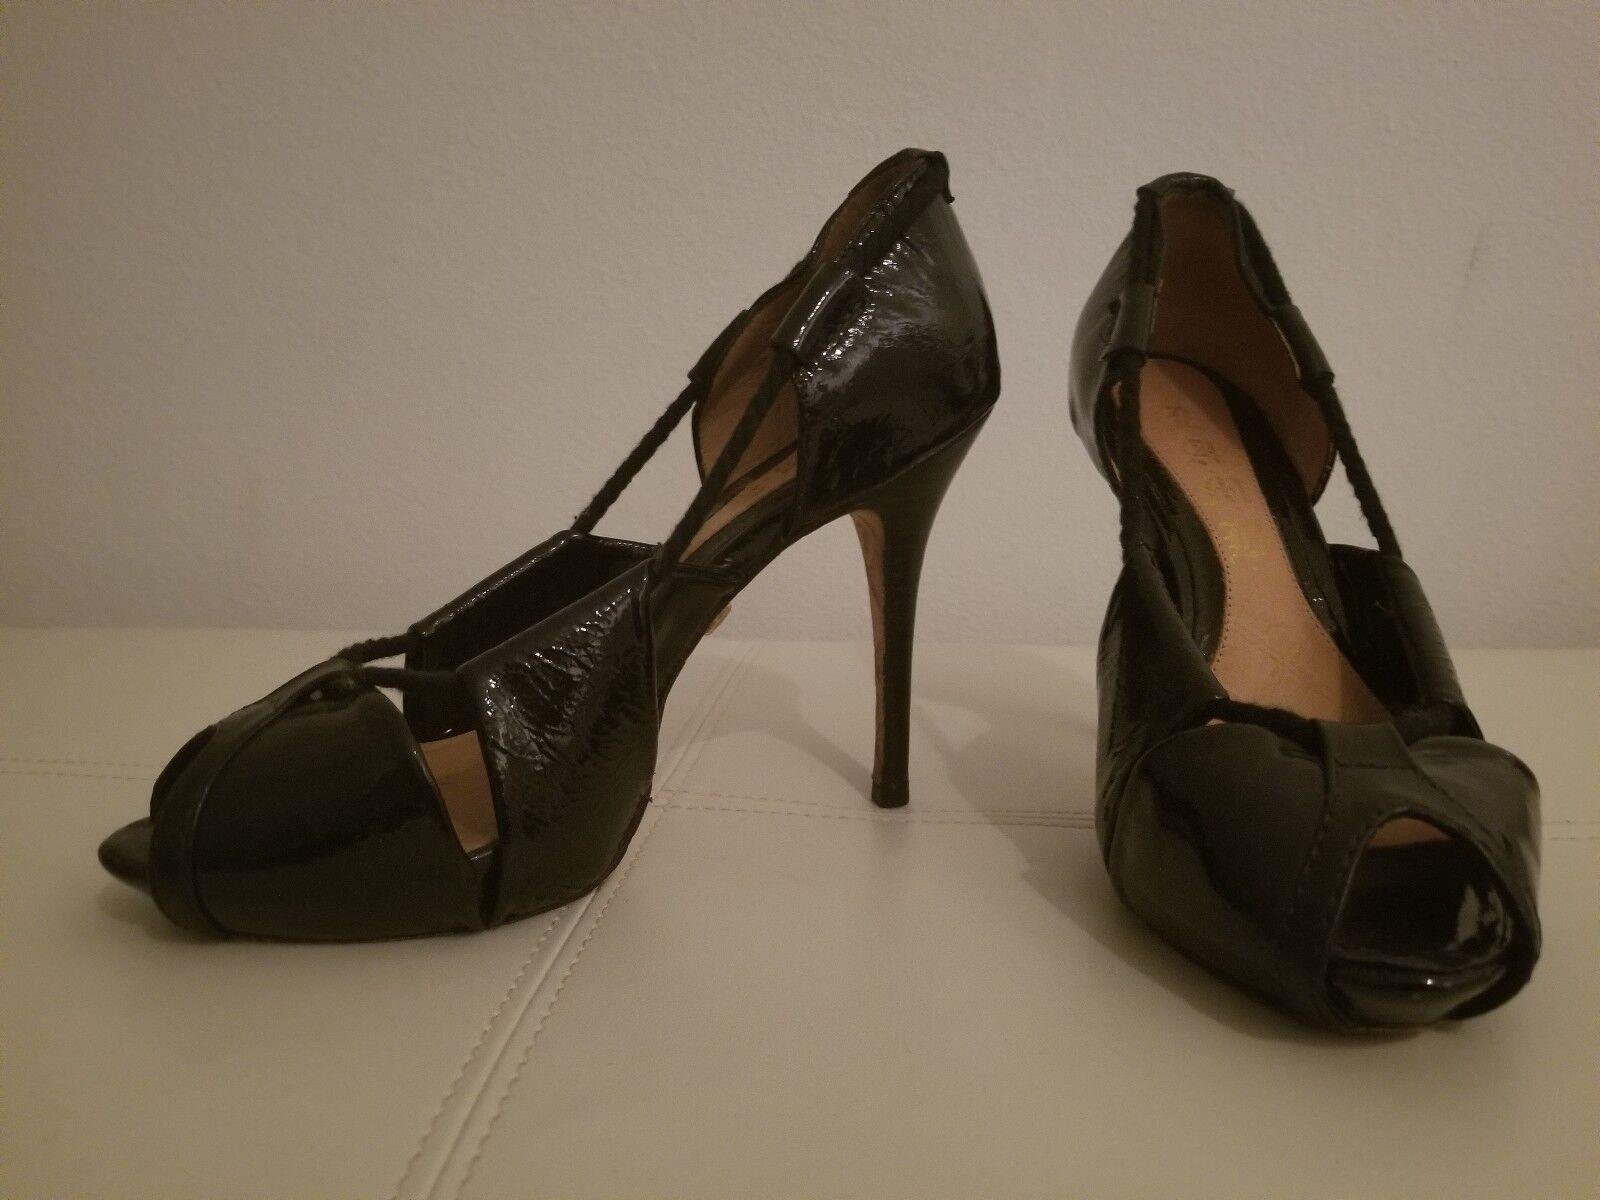 L.A.M.B Black Patent Leather Open Toe Heels Lace Cage Pumps shoes Gwen Stefani 8